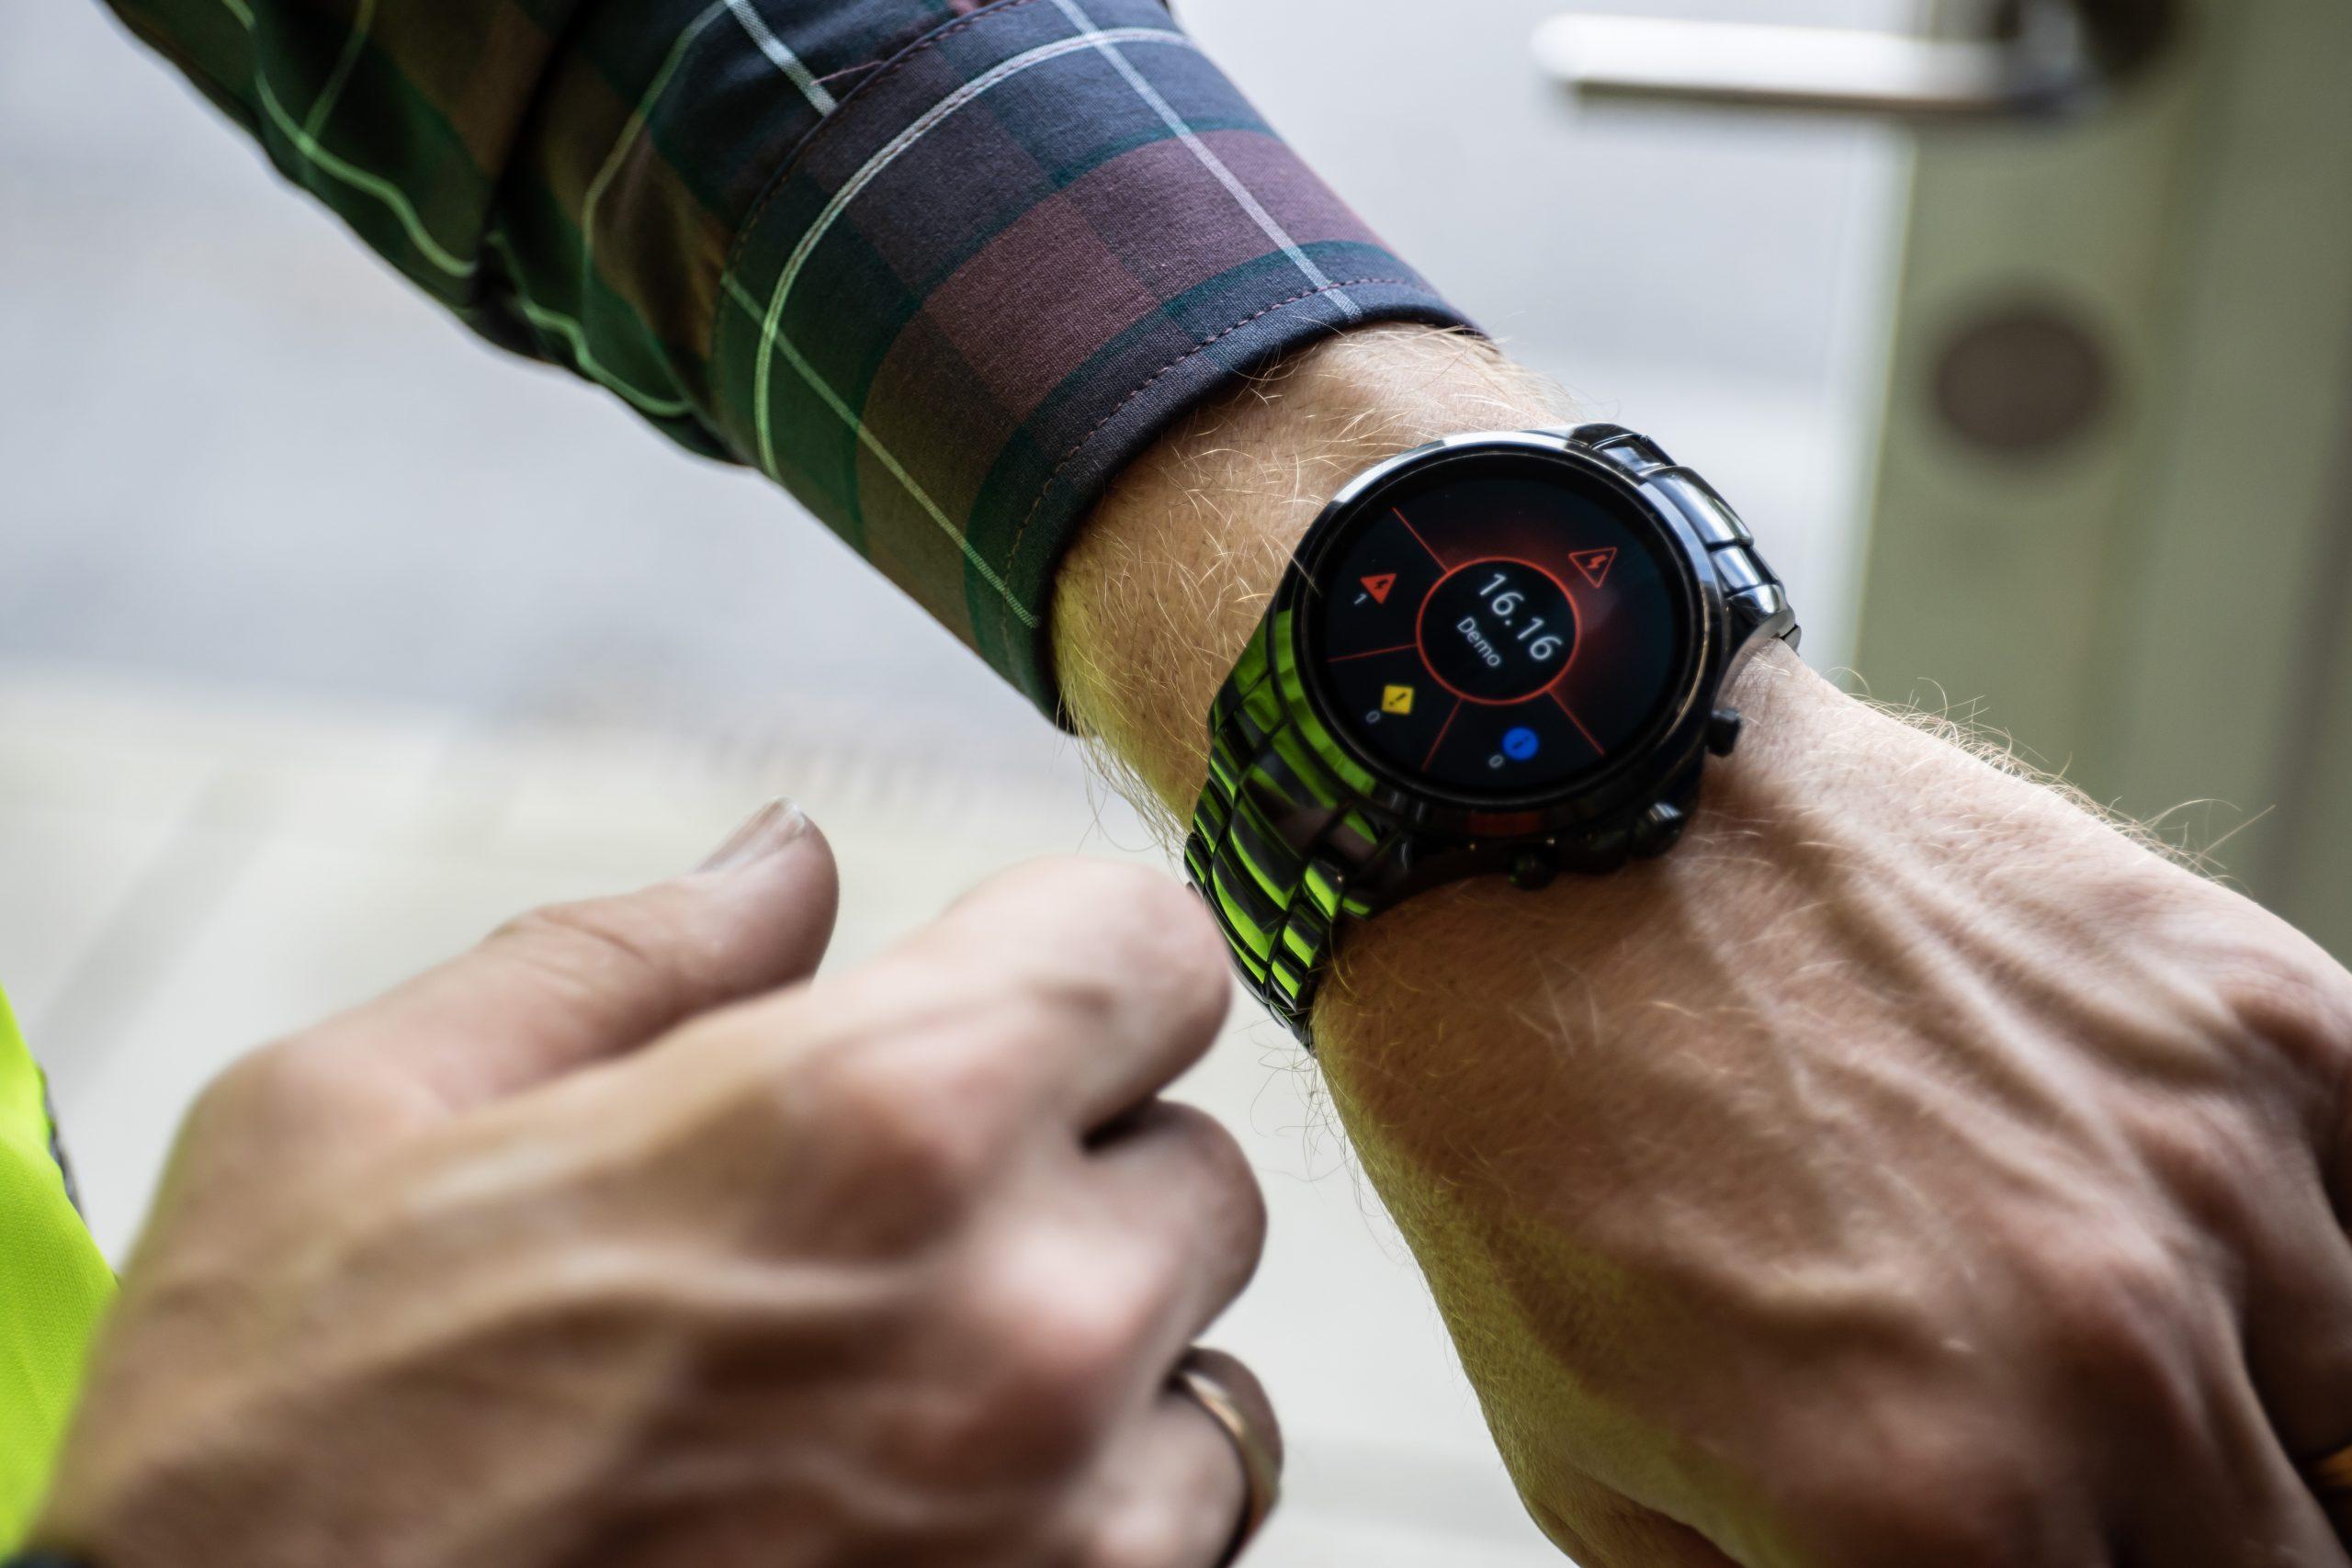 Über Simatic Notifier können Meldungen aus dem Scada-System an Smart Devices wie eine Smartwatch übertragen werden. (Bild: Siemens AG)